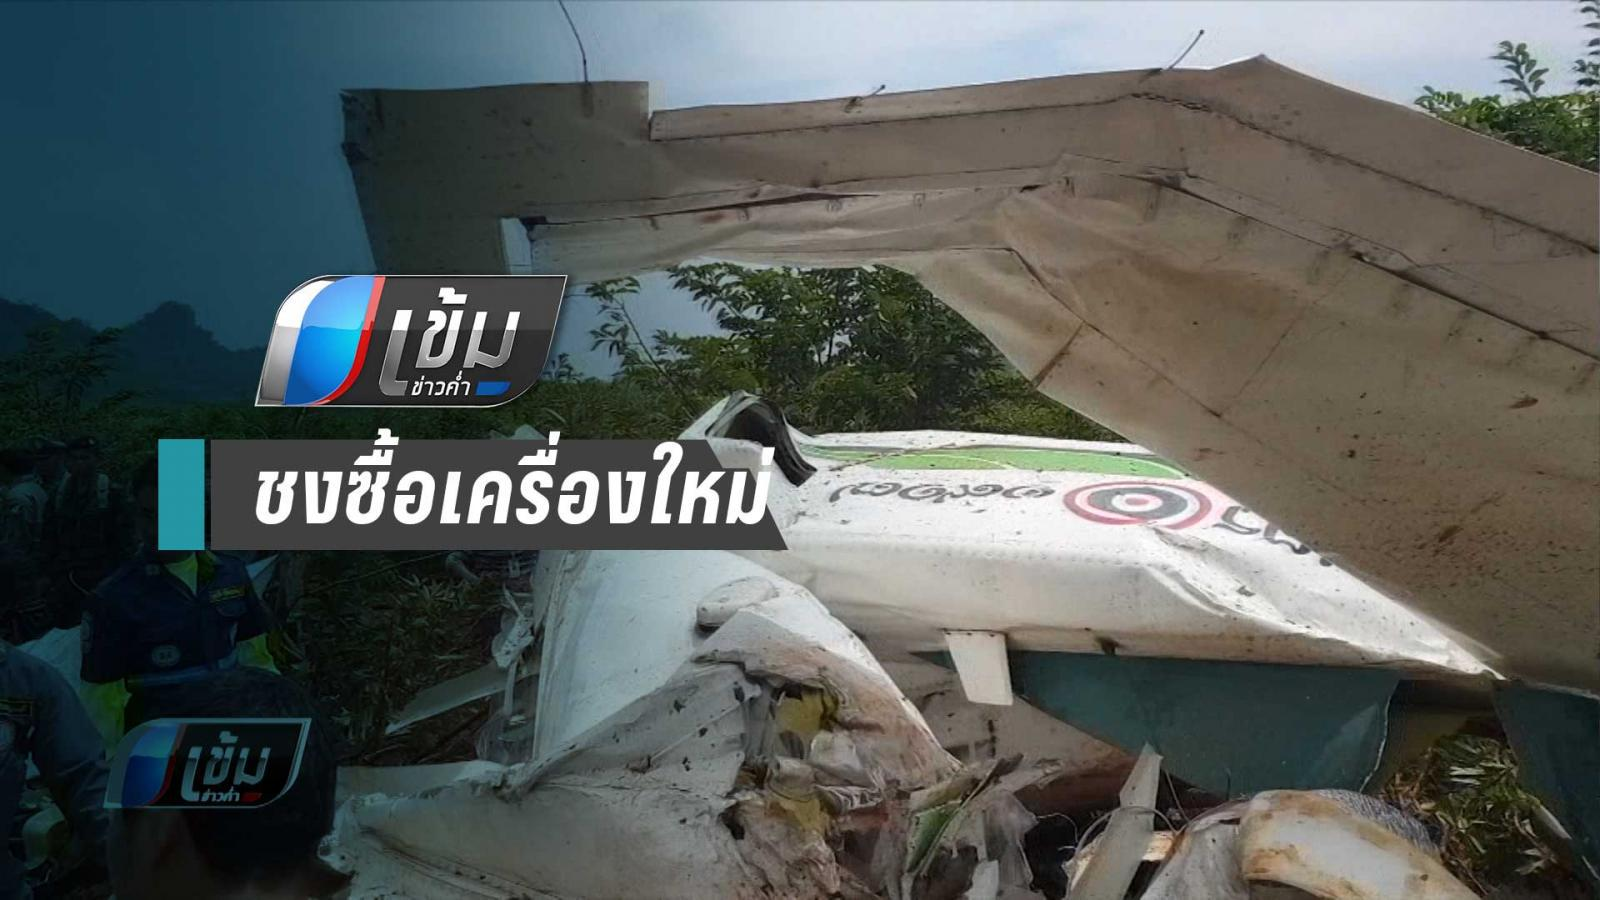 รมว.เกษตรฯ เสียใจสูญเสียนักบินฝนหลวง ยอมรับเครื่องบินเก่า  จ่อชง ครม.ซื้อลำใหม่